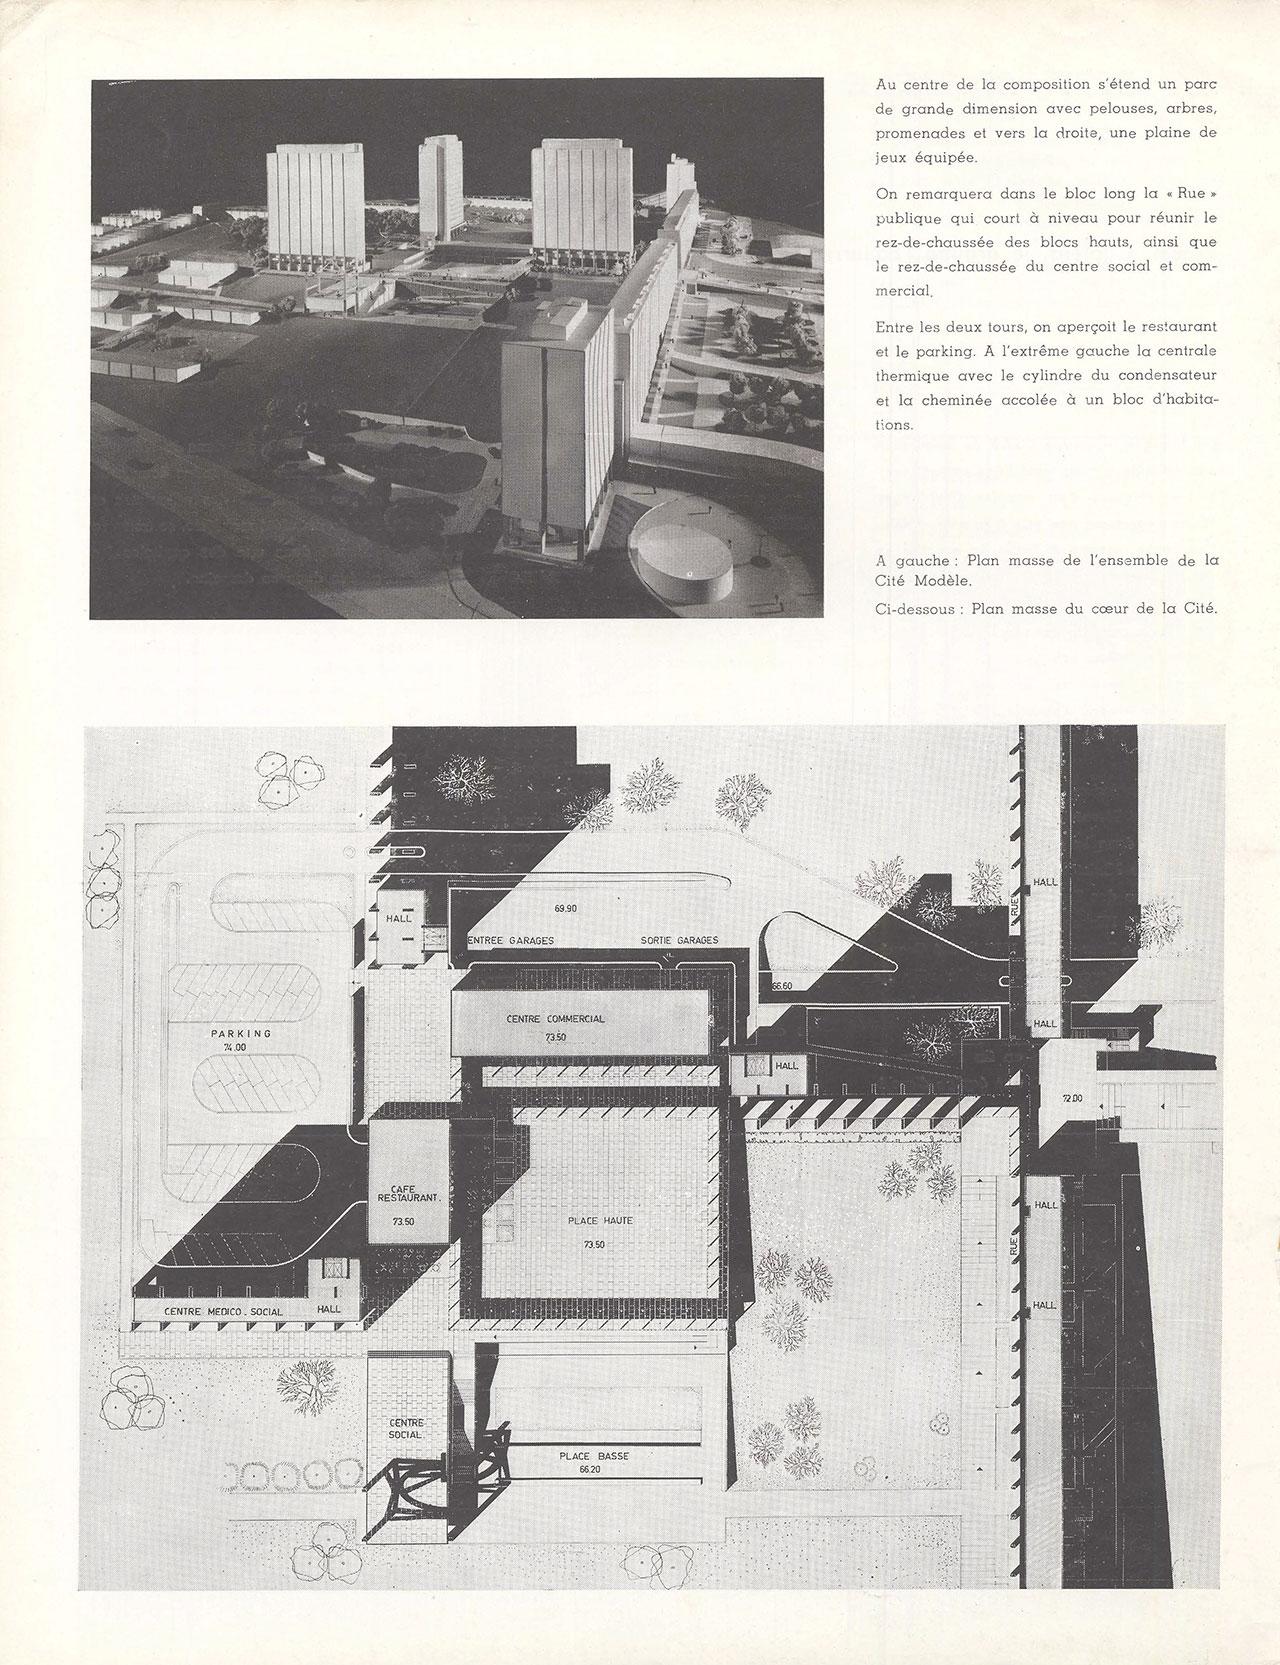 La Cité Modèle